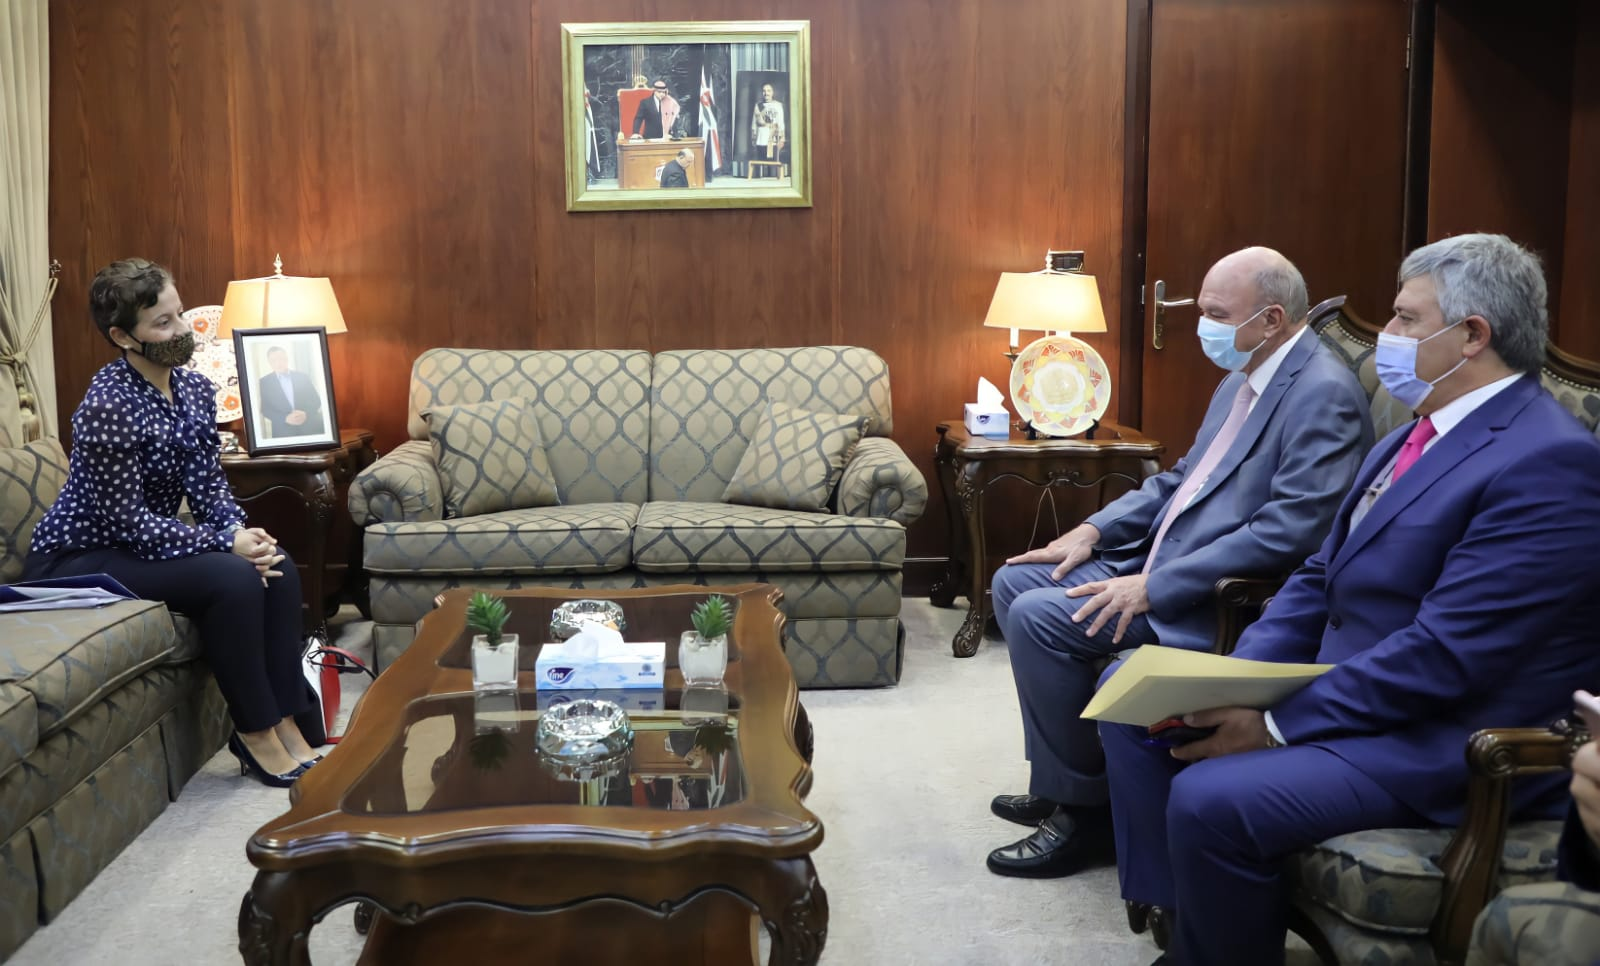 رئيس مجلس الاعيان يلتقي سفيرة الاتحاد الاوروبي لدى المملكة